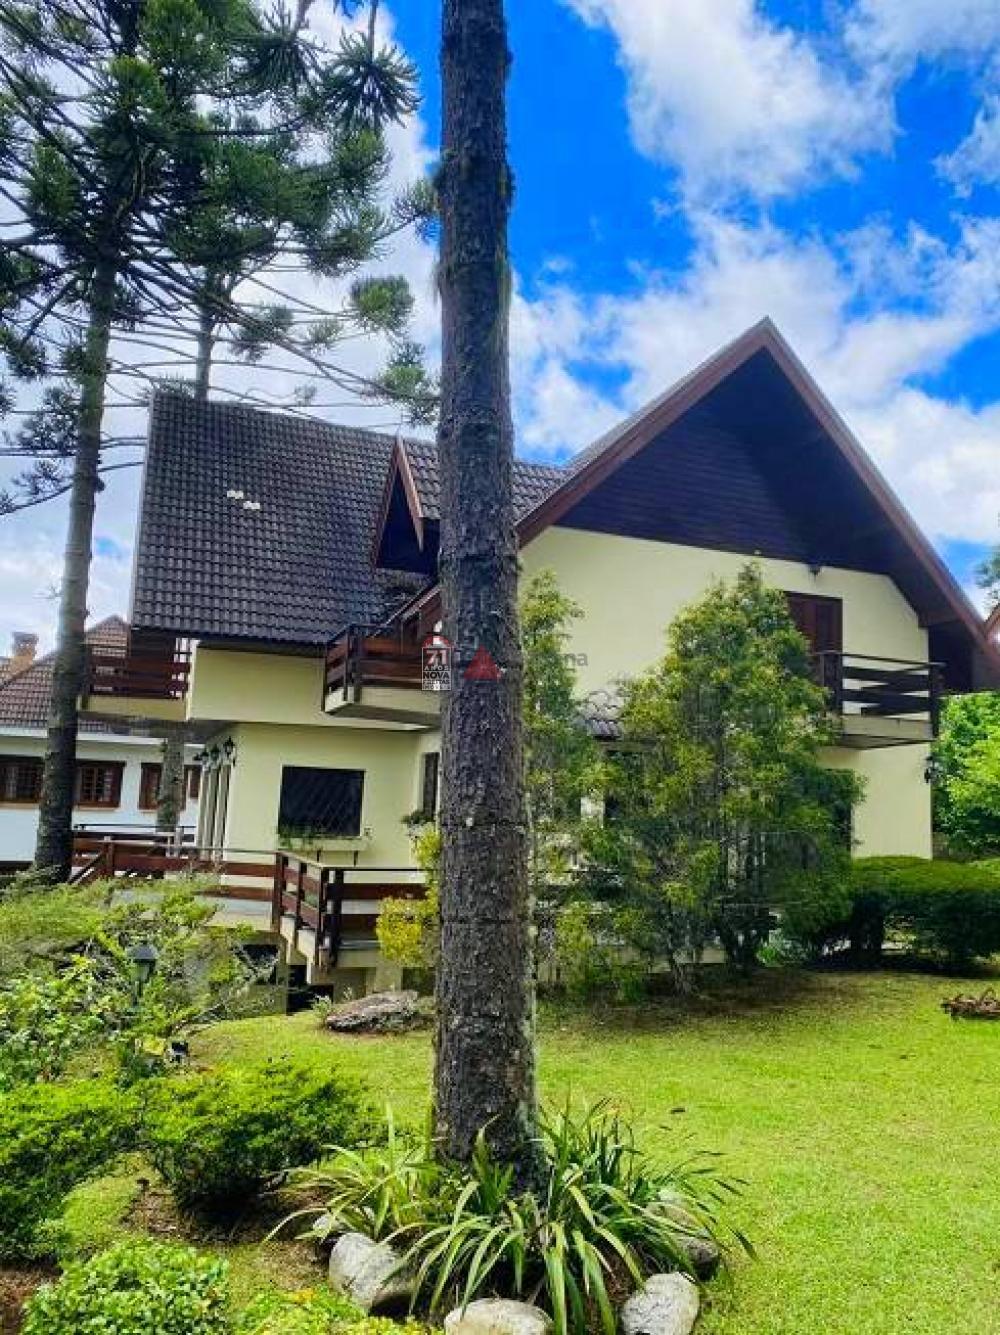 Comprar Casa / Sobrado em Condomínio em Campos do Jordão R$ 3.400.000,00 - Foto 4